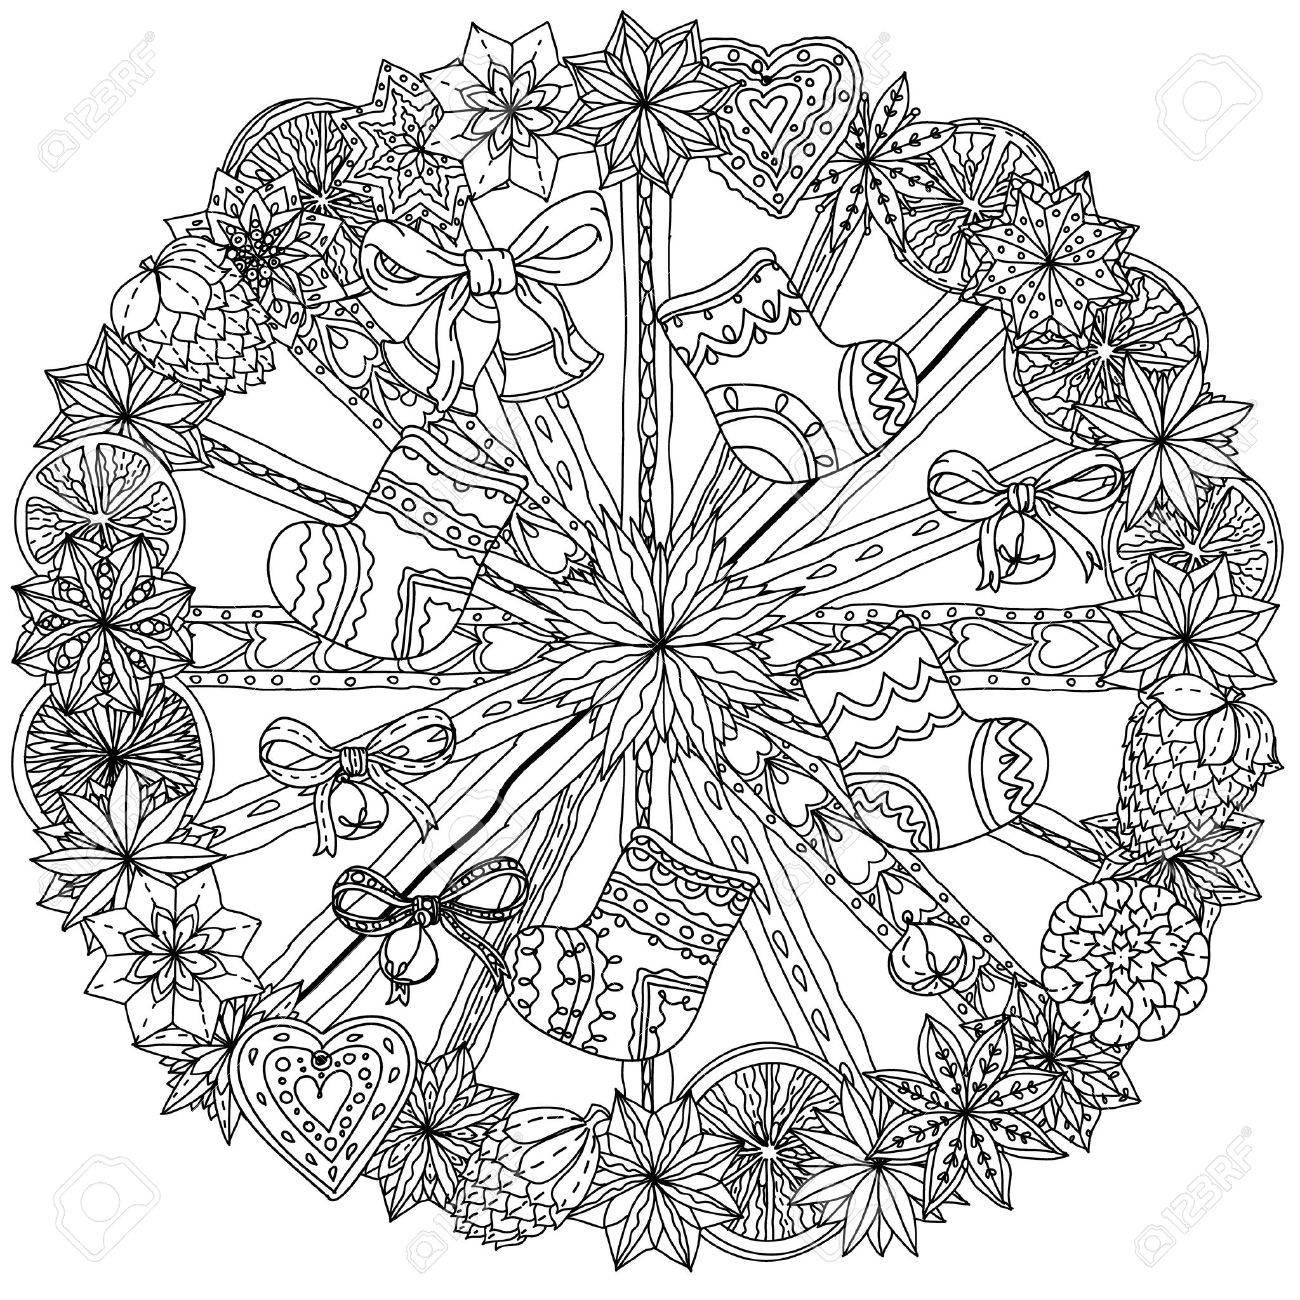 Corona De Navidad Con Elementos Decorativos, Y Negro Blanco. El ...